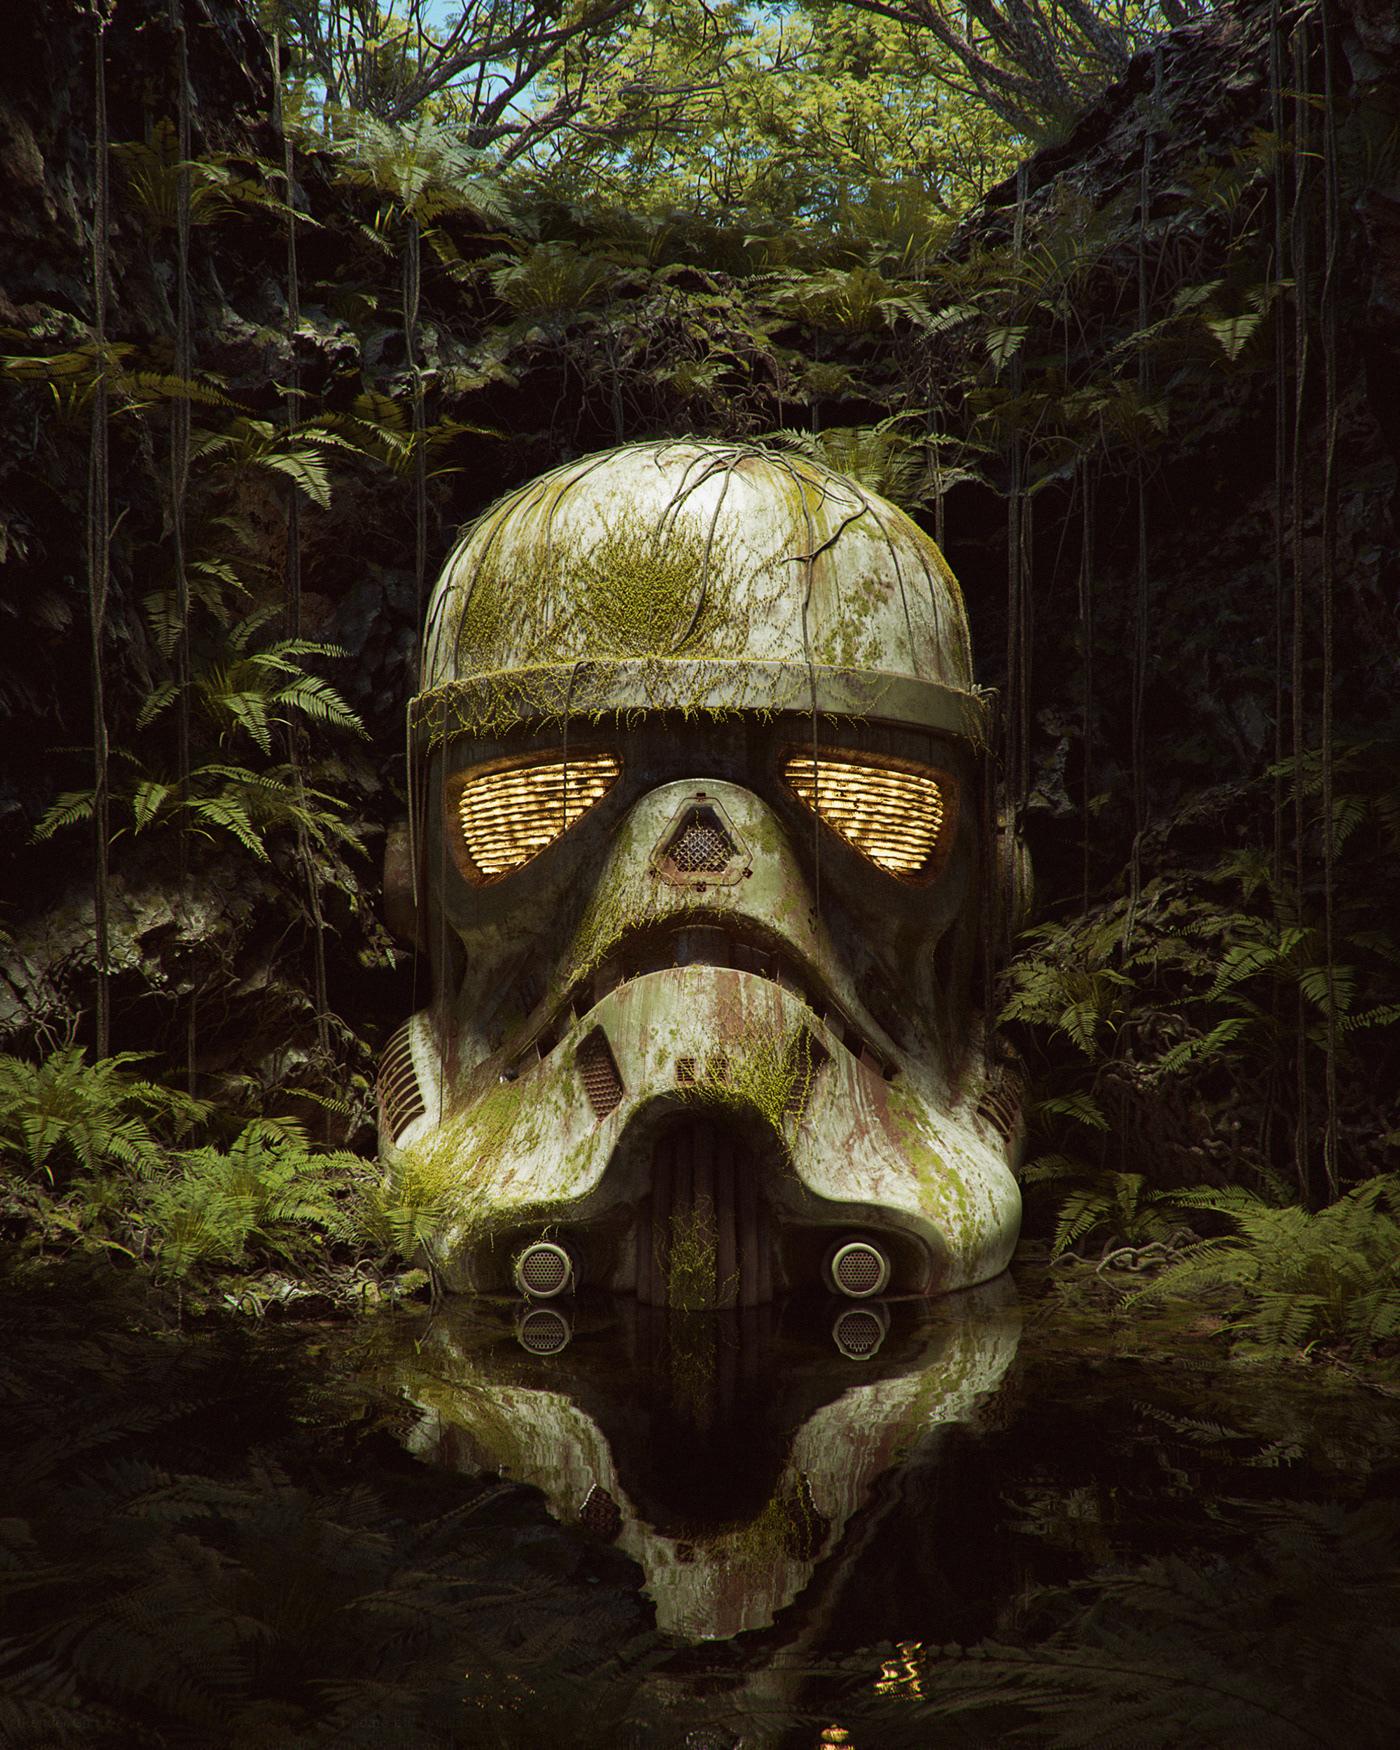 El casco de un soldado imperial de Star Wars